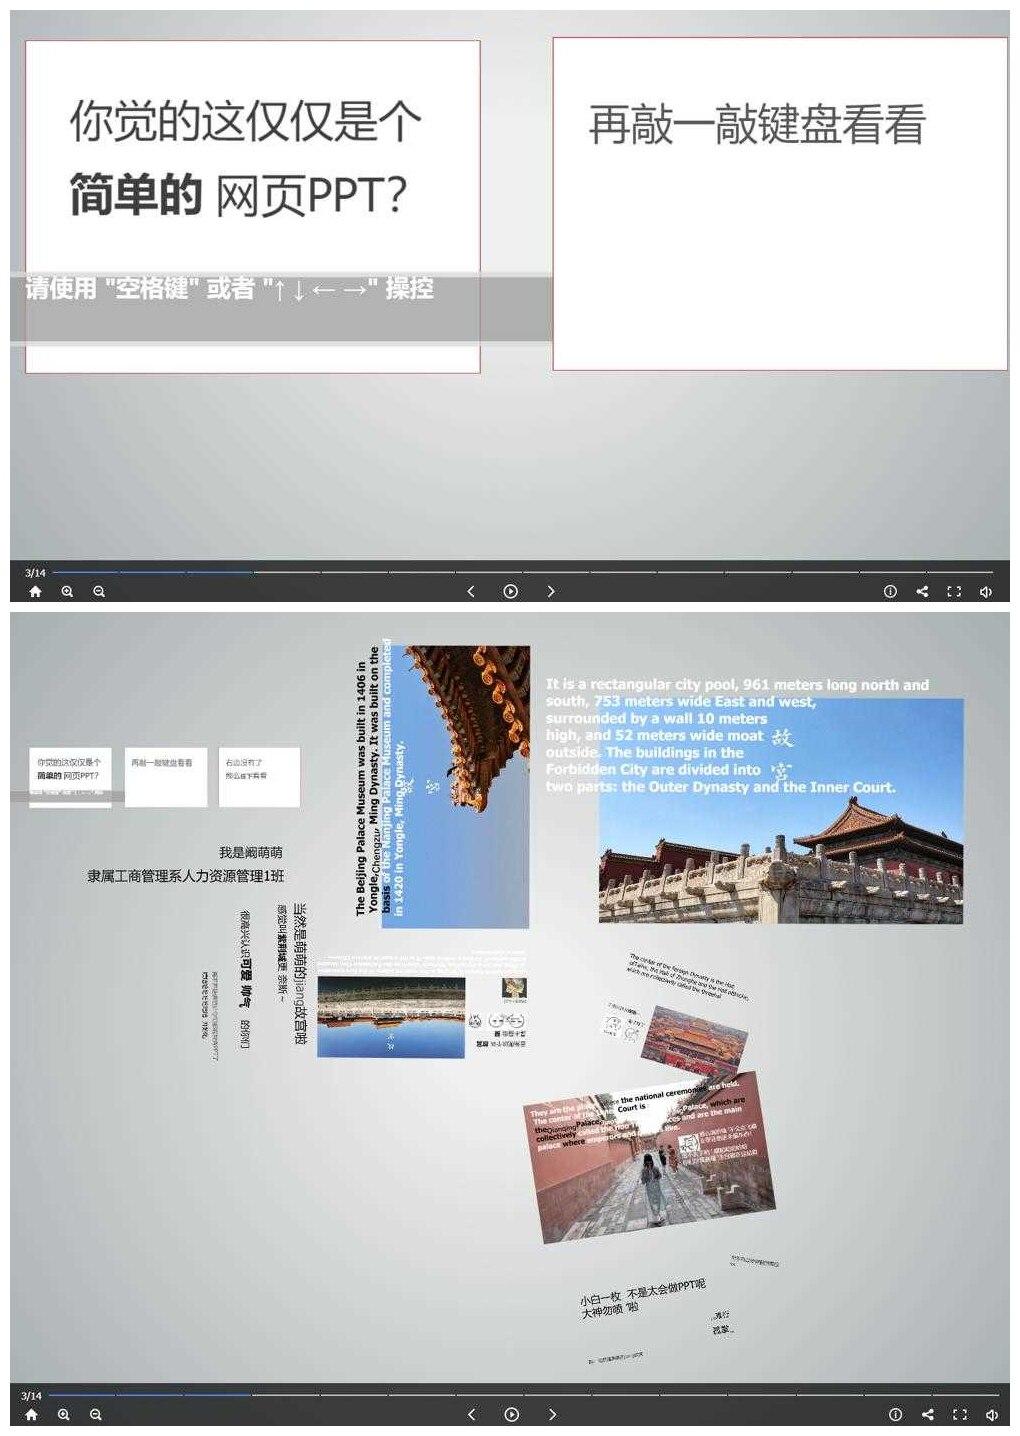 高逼格故宫介绍网页html源码